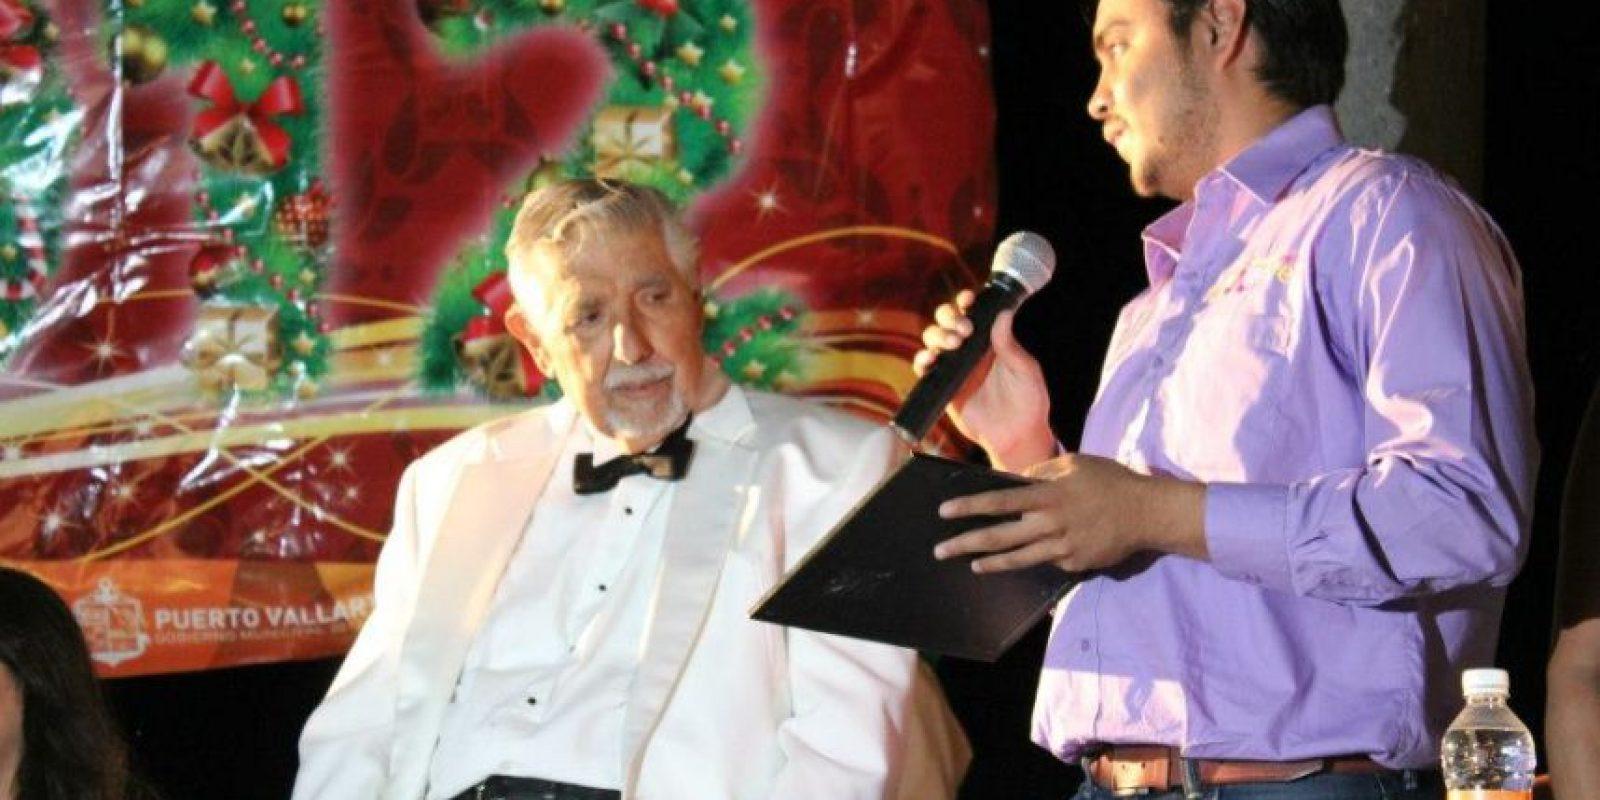 La hija del actor también explicó que Rubén permaneció inconsciente tras ingresar el centro de salud. Foto:vía facebook.com/ElProfesorJirafales